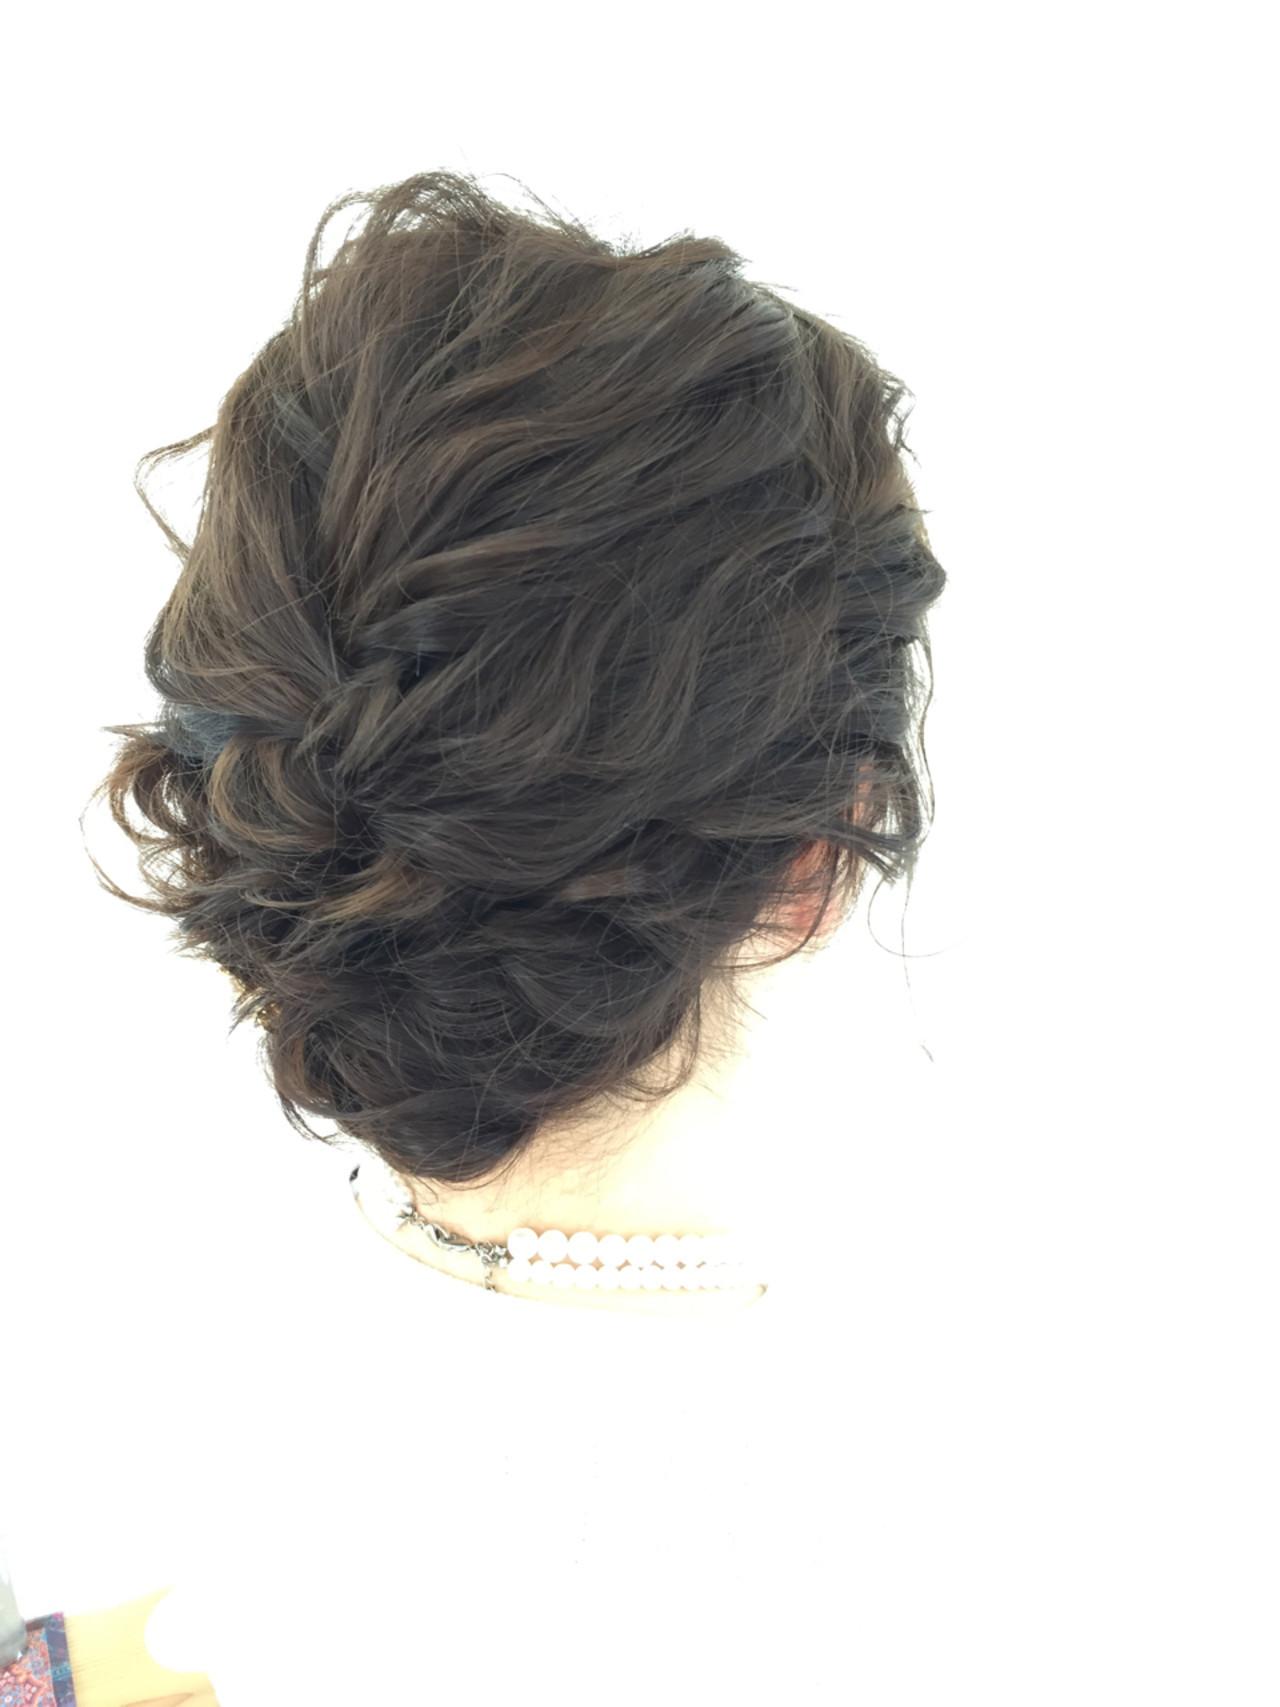 【ミディアム向け】どんなシーンでも使える大人かわいいまとめ髪特集 宇渡 裕一